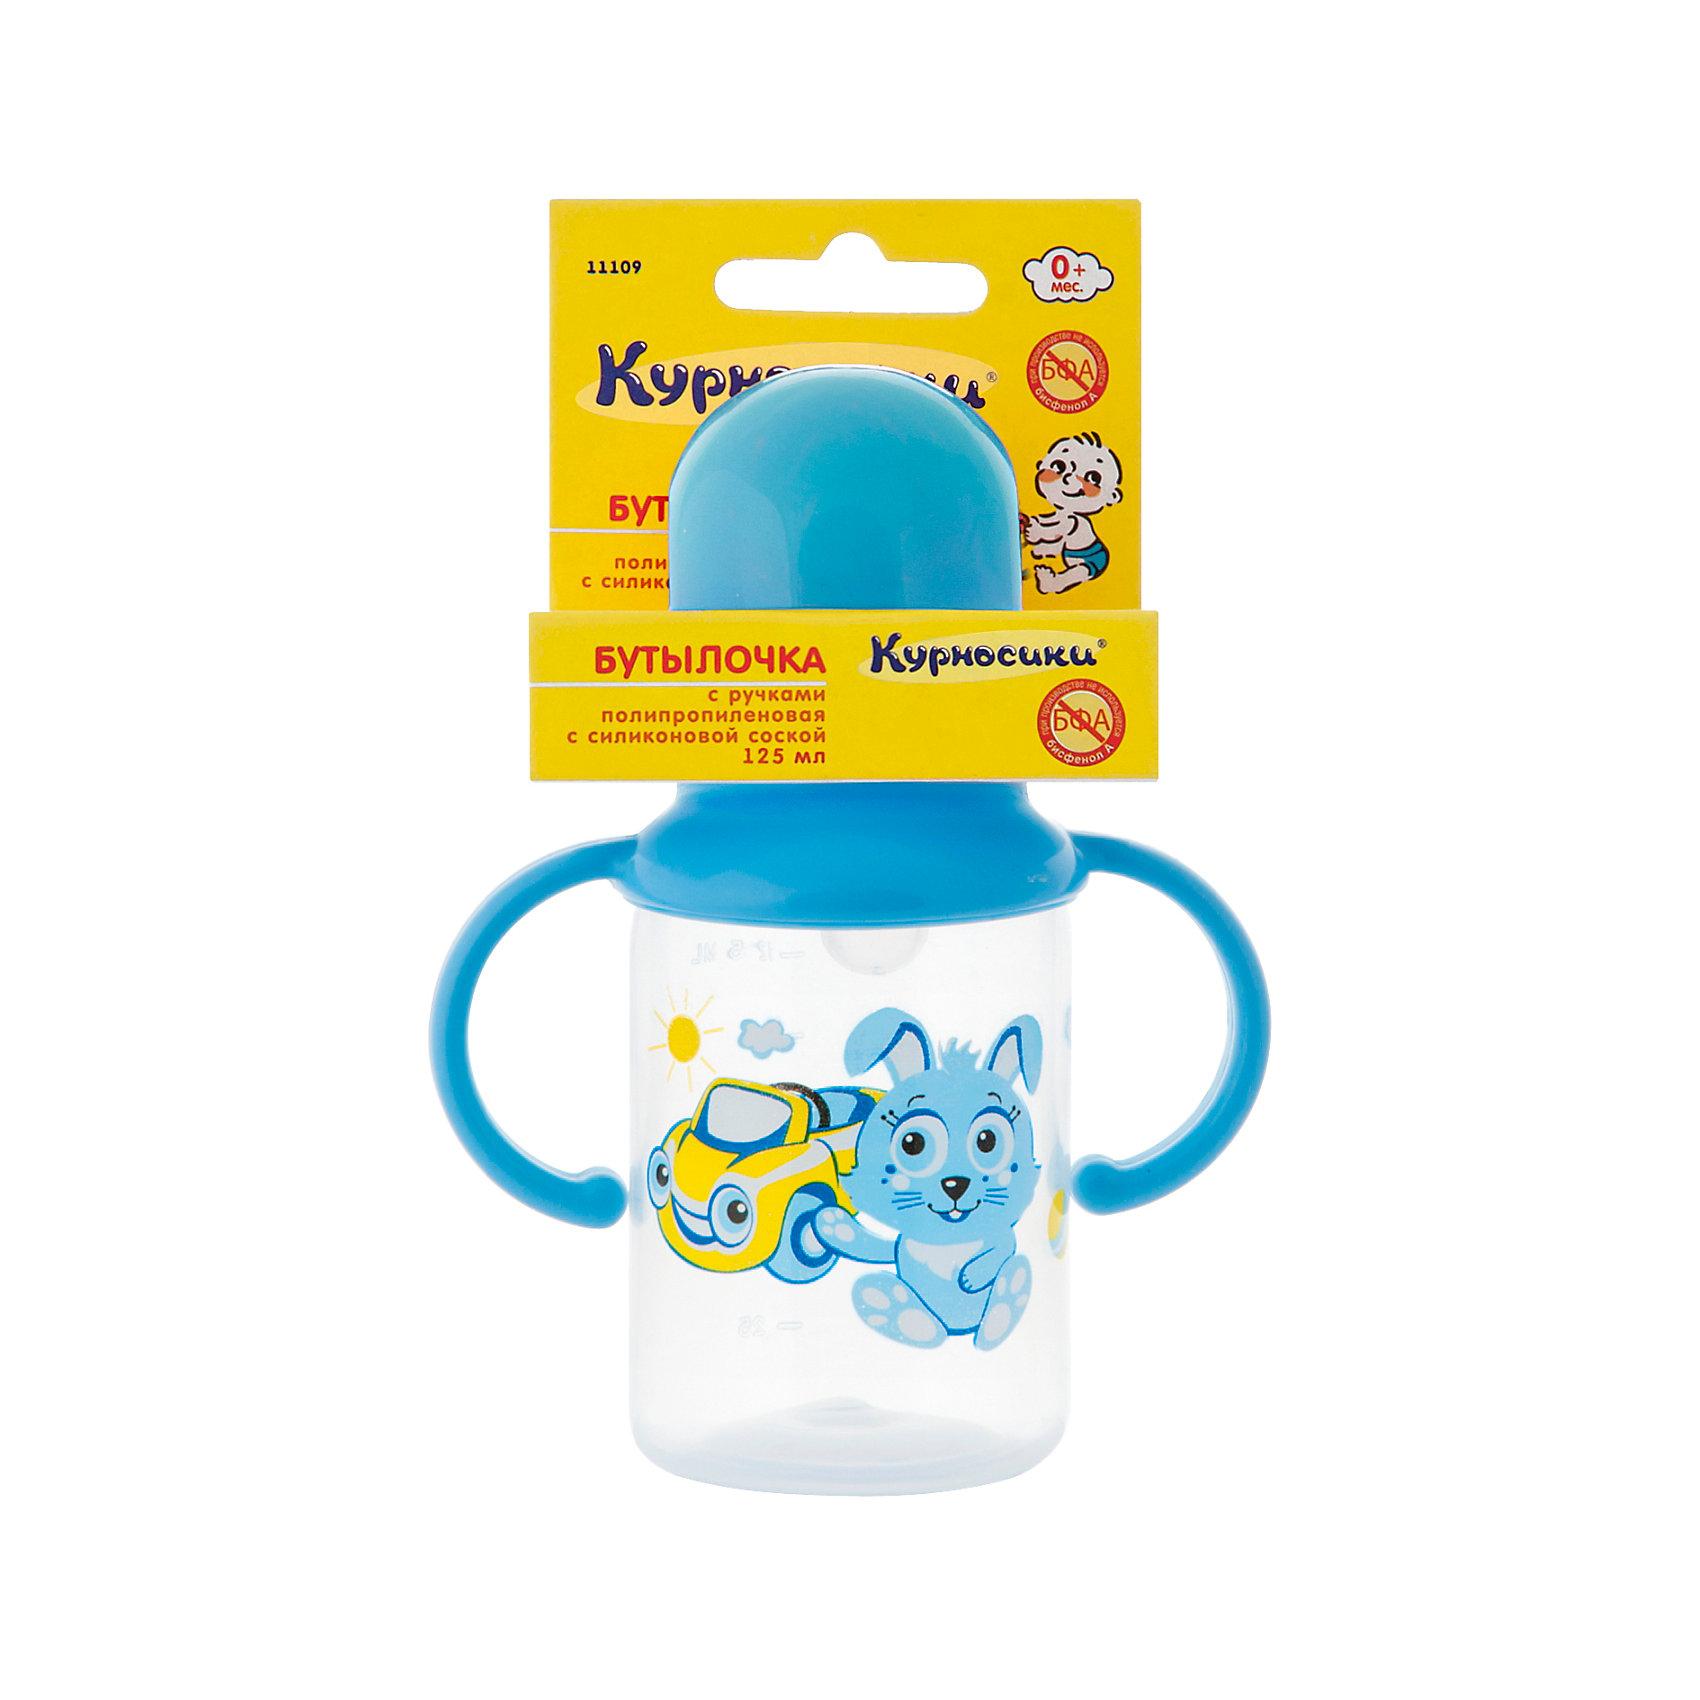 Бутылочка с ручками и силиконовой соской,125 мл, Kurnosiki, голубойХарактеристики:<br><br>• Наименование: бутылка для кормления<br>• Рекомендуемый возраст: от 0 месяцев<br>• Пол: для мальчика<br>• Объем: 125 мл<br>• Материал: силикон, пластик<br>• Цвет: голубой<br>• Рисунок: зайчонок Хрум-Хрум<br>• Форма соски: классическая<br>• Поток у соски: медленный<br>• Комплектация: бутылочка, соска, колпачок, ручки<br>• Съемные ручки<br>• Узкое горлышко<br>• Вес: 100 г<br>• Можно использовать в СВЧ и посудомоечной машине<br>• Особенности ухода: регулярная стерилизация и своевременная замена соски<br><br>Бутылочка с ручками и силиконовой соской, 125 мл, Kurnosiki, зеленый выполнена из прочного и жароустойчивого пластика, на котором не появляются царапины и сколы. У бутылочки узкое горлышко. В комплекте предусмотрены съемные ручки, при помощи которых малышу удобно держать бутылочку в руках самостоятельно. Силиконовая соска классической формы, не имеет цвета и запаха, обладает повышенными гипоаллергенными свойствами. <br><br>Изделие выполнено в брендовом дизайне: на бутылочку нанесено изображение одного из героев серии Курносиков ? лягушонка Ква-Ква. Рисунок устойчив к выцветанию и истиранию. Бутылочка с ручками и силиконовой соской, 125 мл, Kurnosiki, зеленый – это практичный и стильный предмет для кормления малыша!<br><br>Бутылочку с ручками и силиконовой соской, 125 мл, Kurnosiki, зеленый можно купить в нашем интернет-магазине.<br><br>Ширина мм: 55<br>Глубина мм: 105<br>Высота мм: 170<br>Вес г: 71<br>Возраст от месяцев: 6<br>Возраст до месяцев: 18<br>Пол: Мужской<br>Возраст: Детский<br>SKU: 5428783